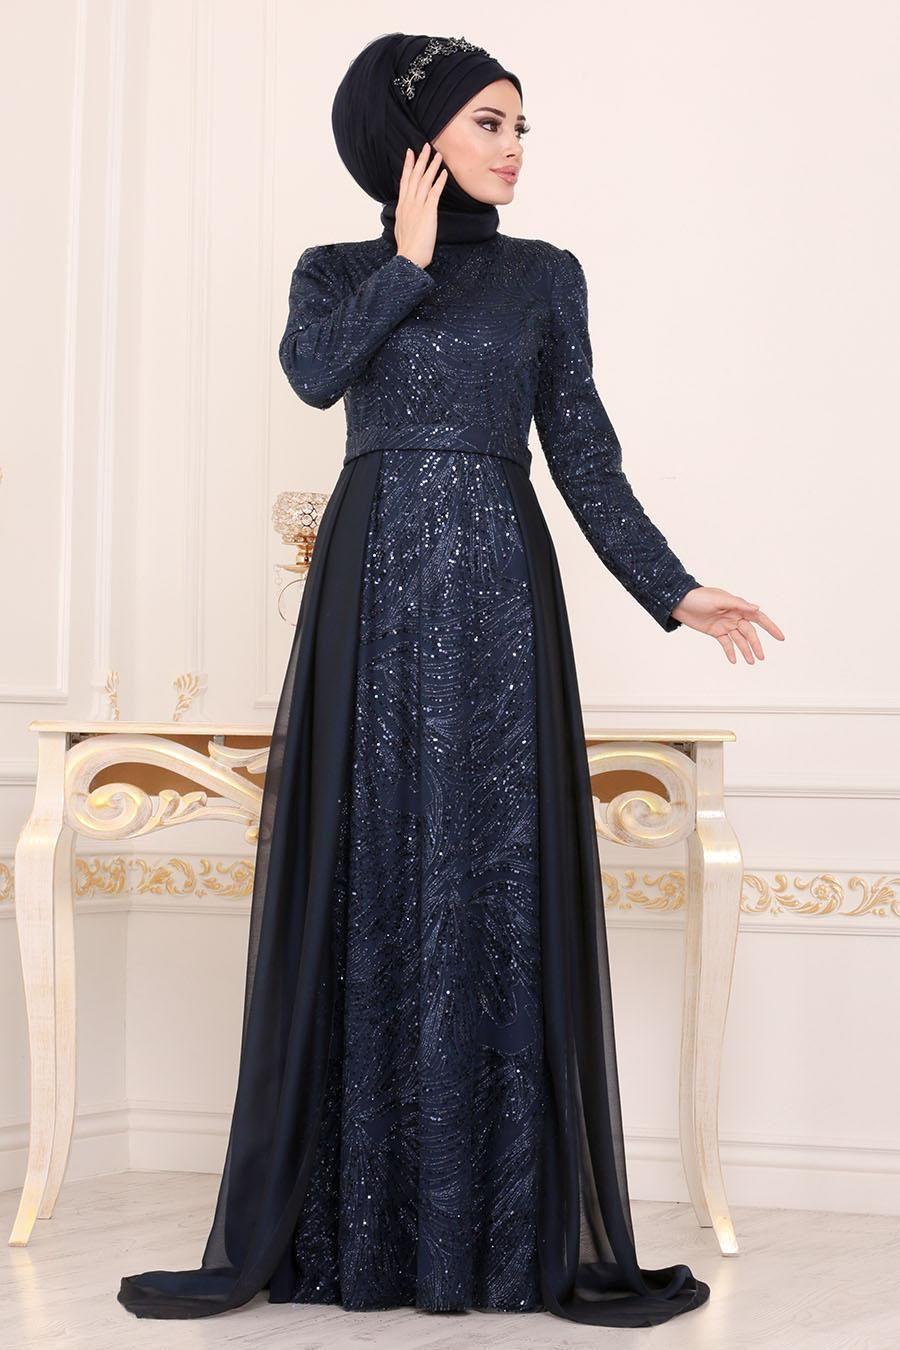 Tesetturlu Abiye Elbise Pul Payetli Lacivert Tesetturlu Abiye Elbise 196711l Tesetturisland Com The Dress Aksamustu Giysileri Musluman Elbisesi